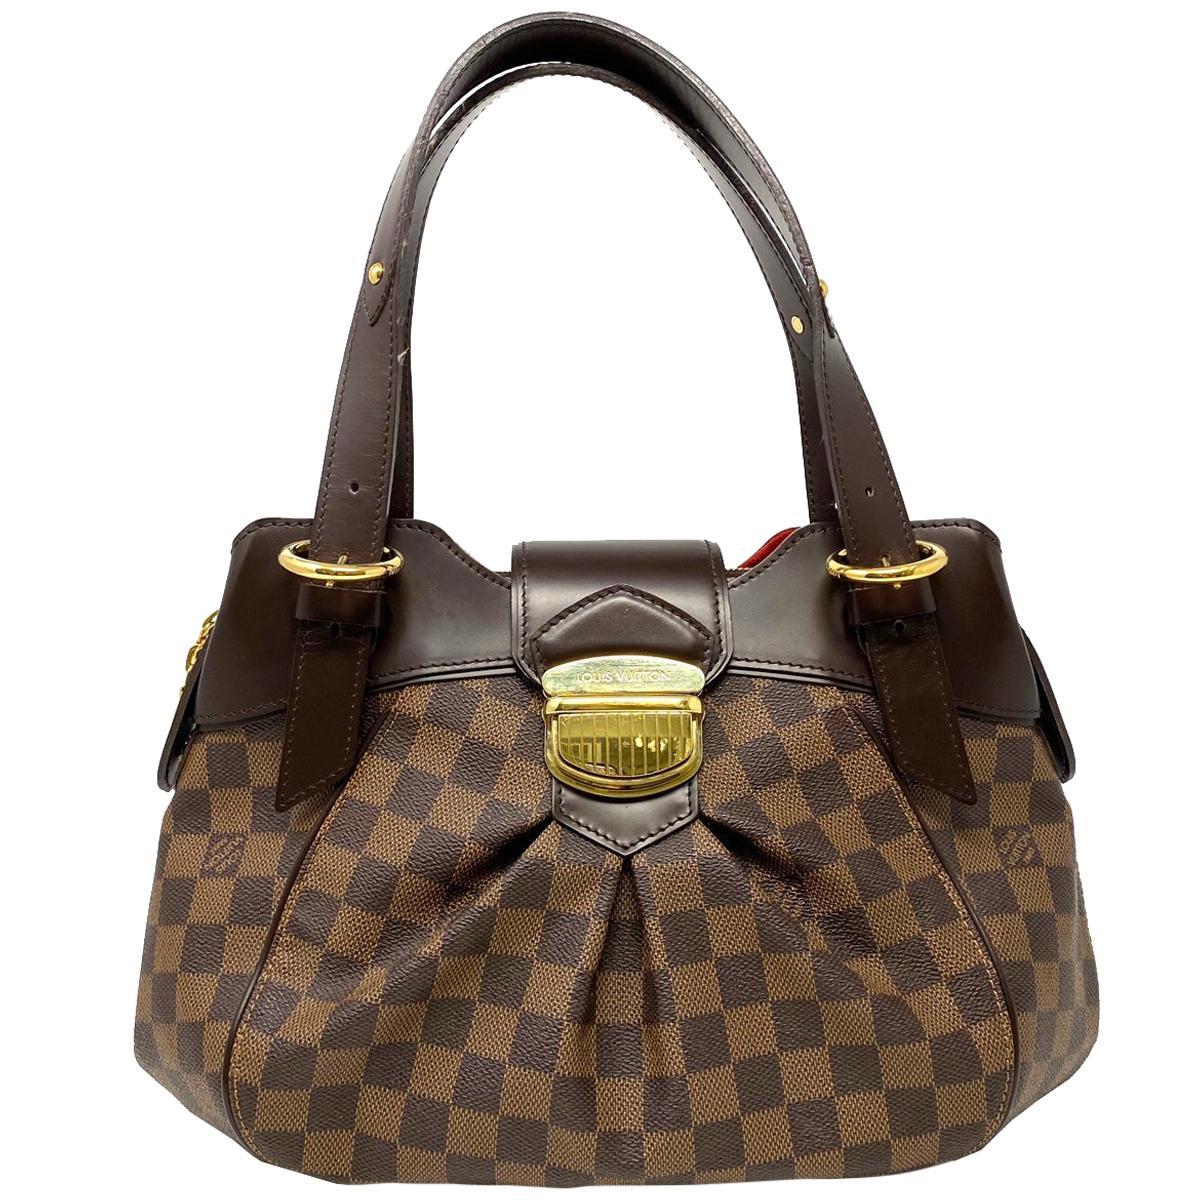 Louis Vuitton Sistina MM Damier Ebene Canvas Shoulder Bag